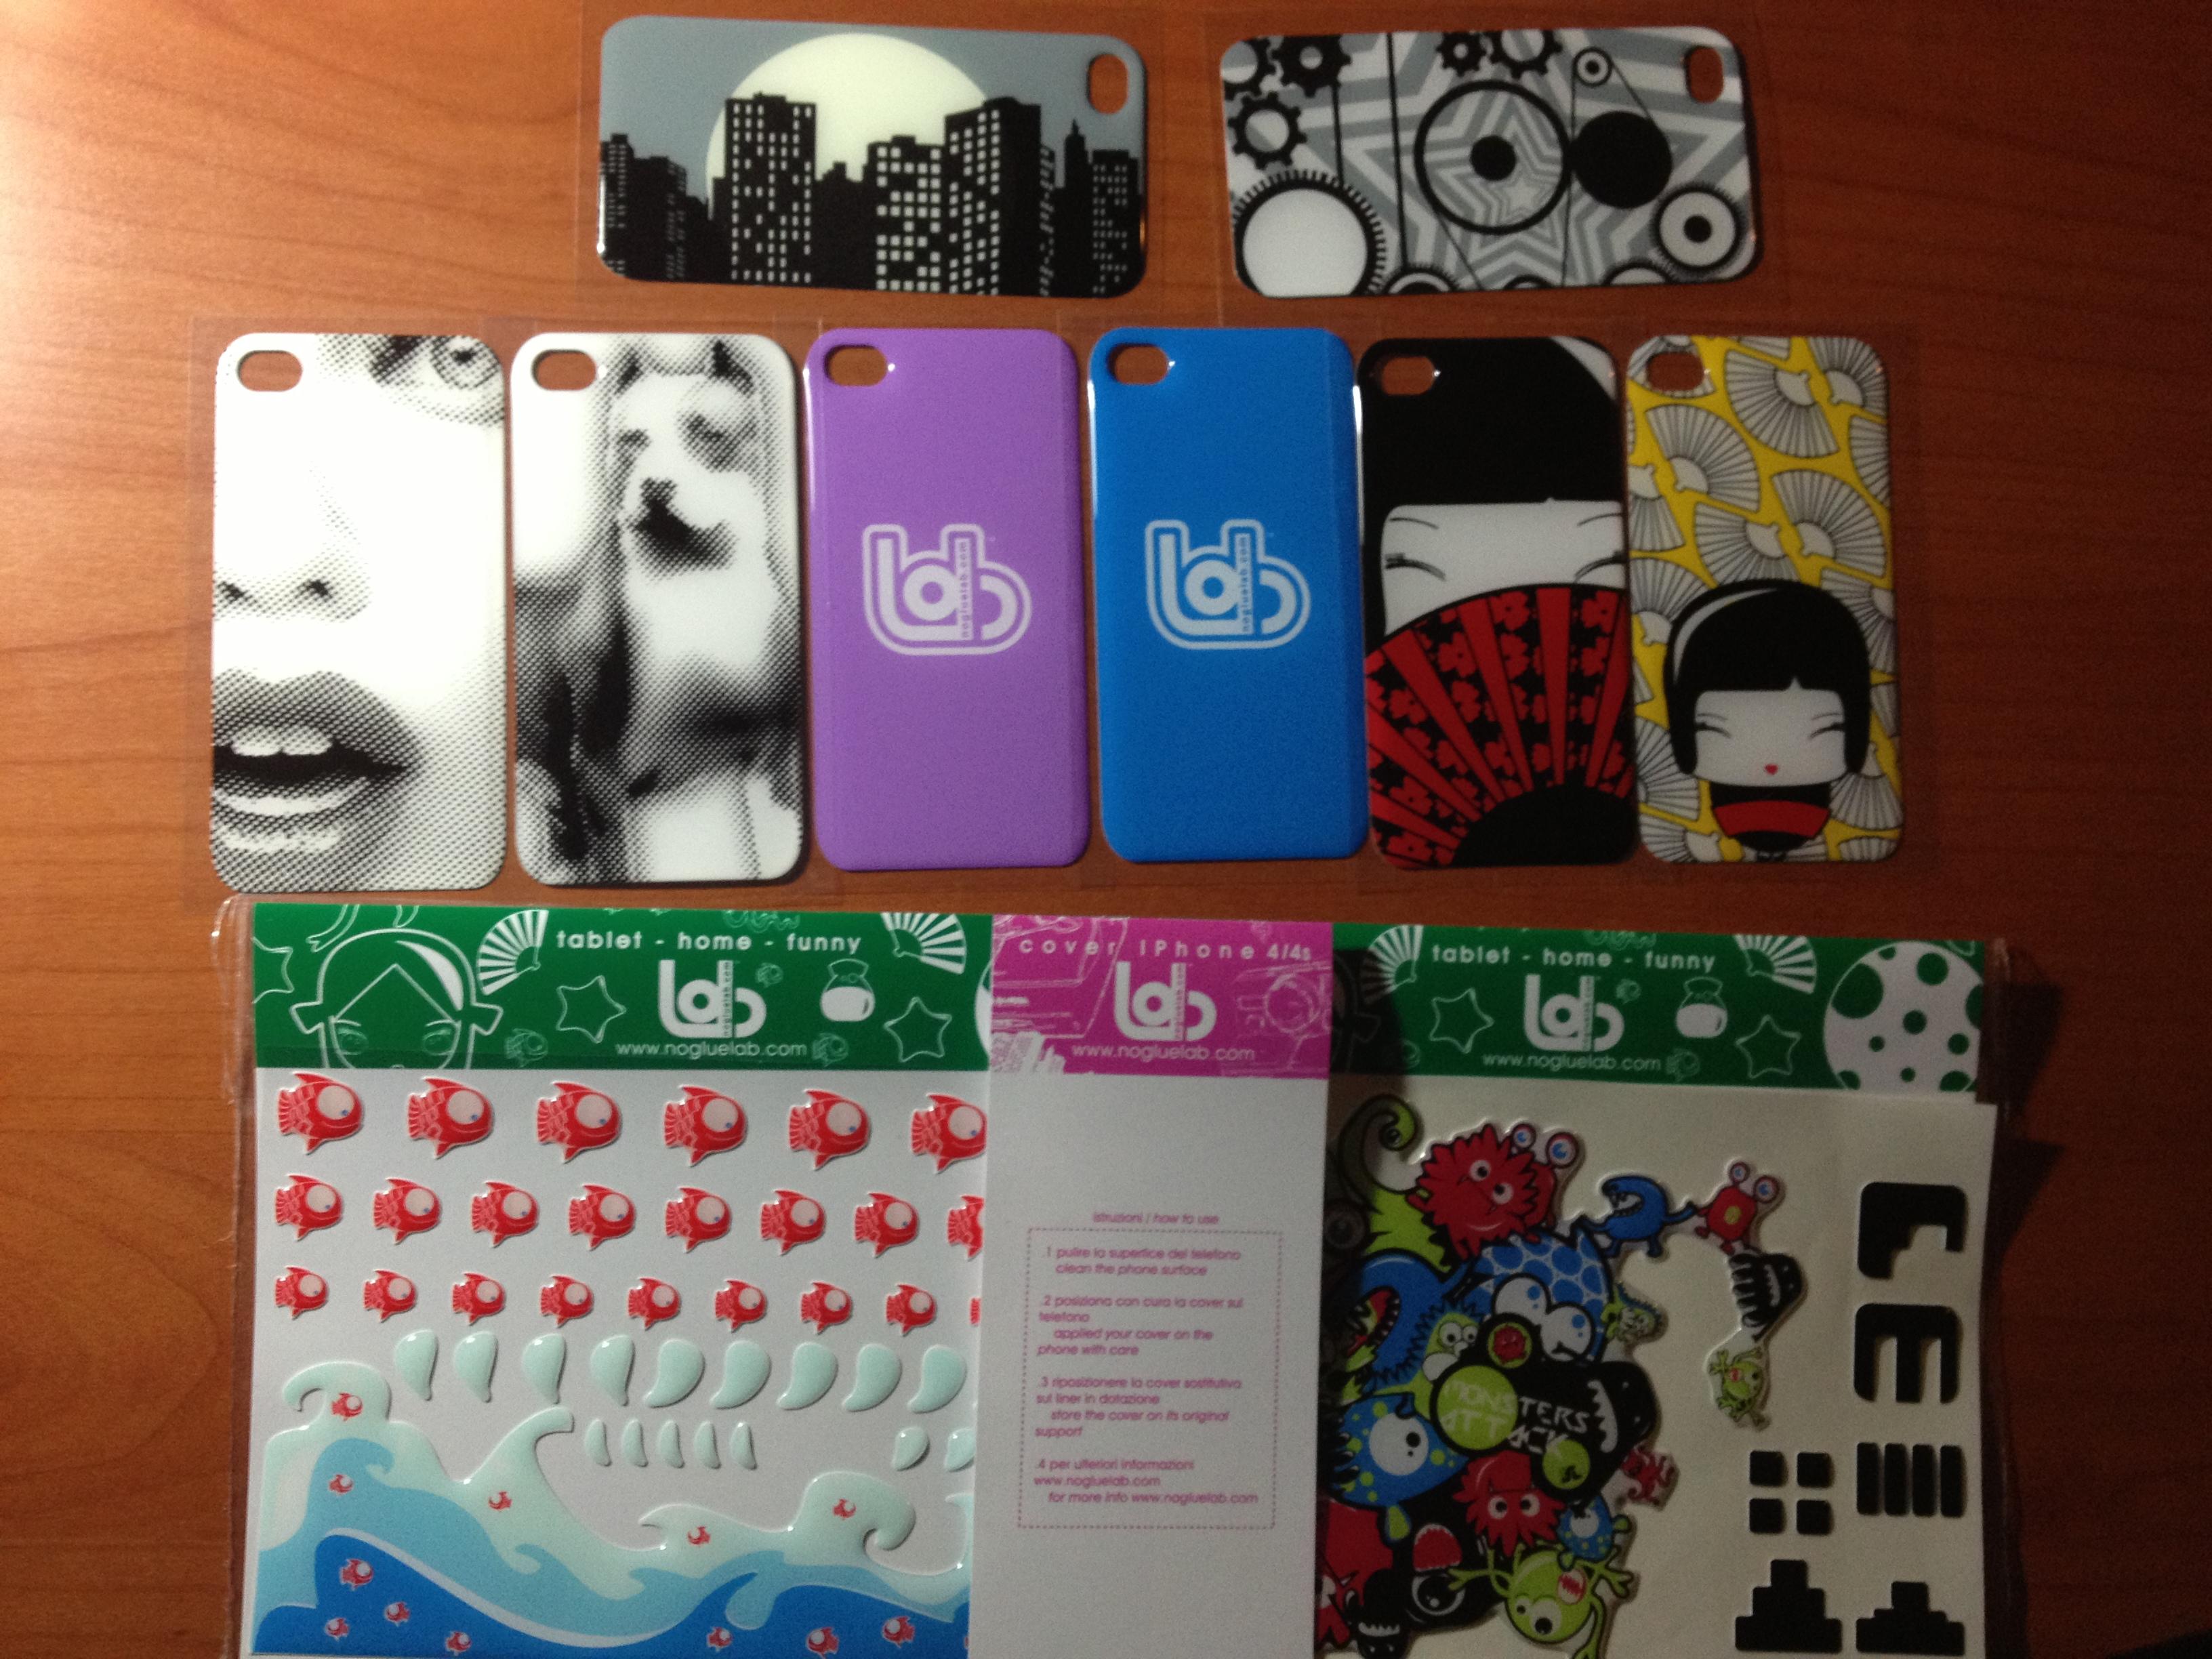 Cover per iPhone 4/4S by NoGlueLab: le cover intercambiabili e senza adesivi | Product Review